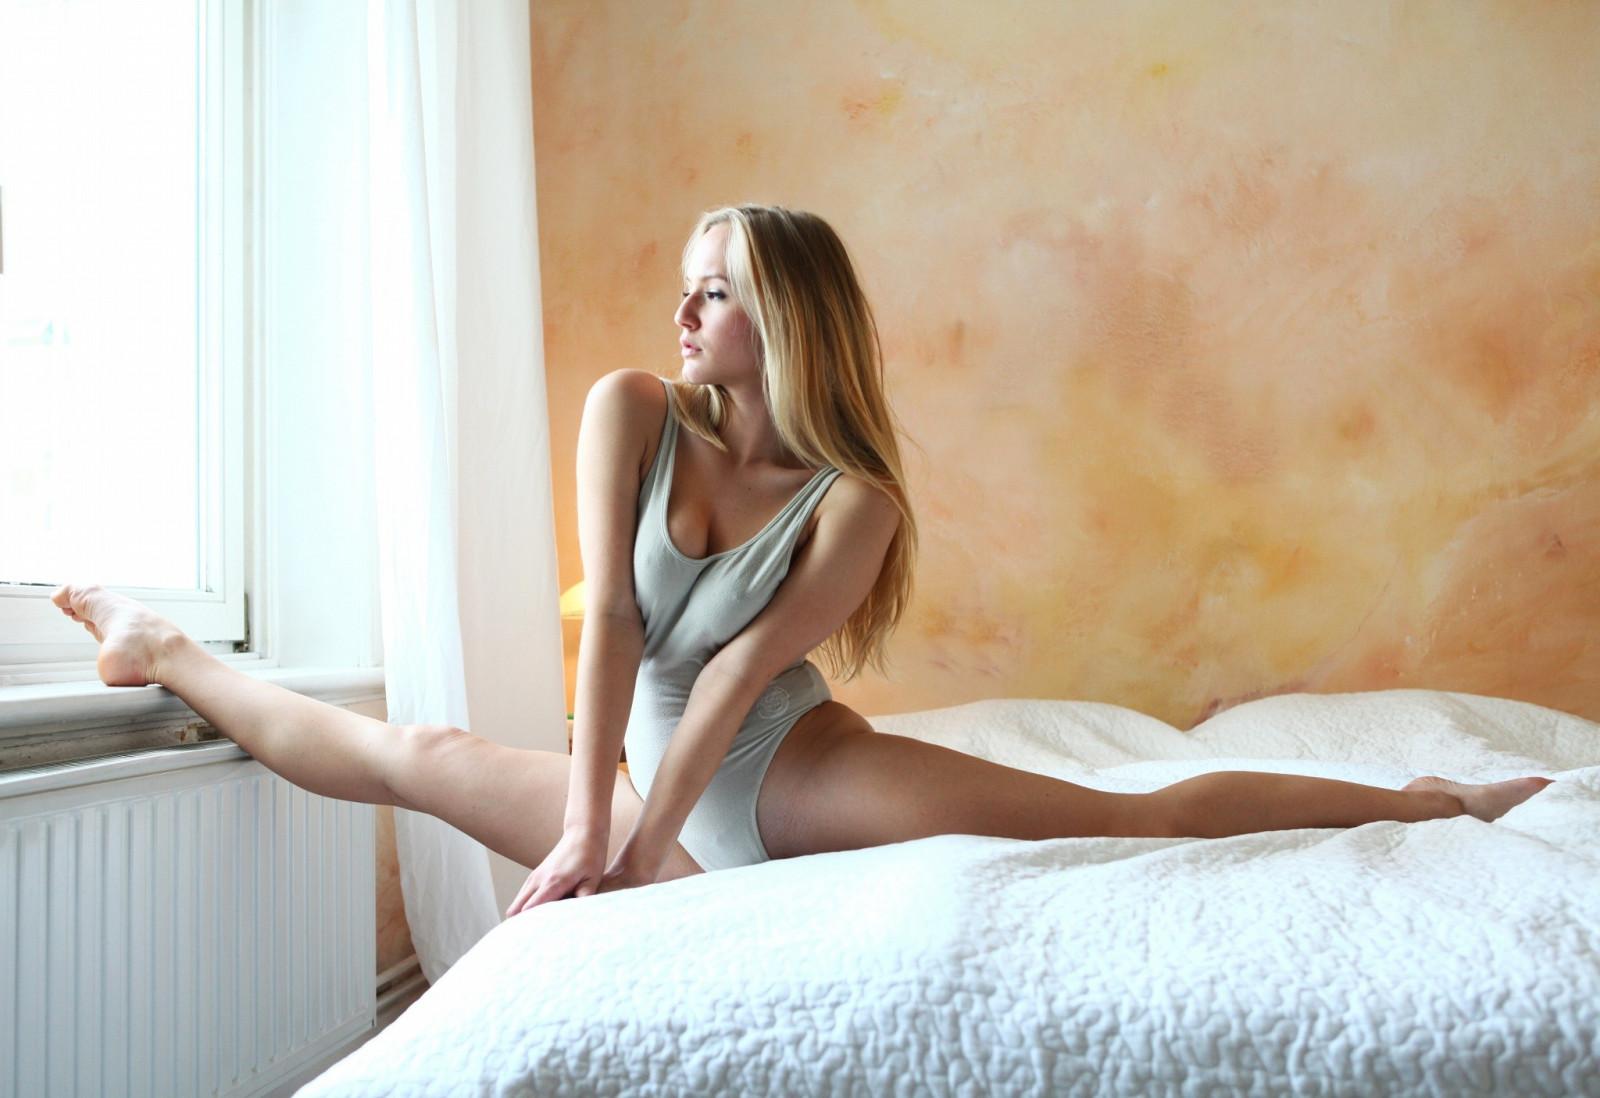 картинки красивых девушек раздвинувшие ноги